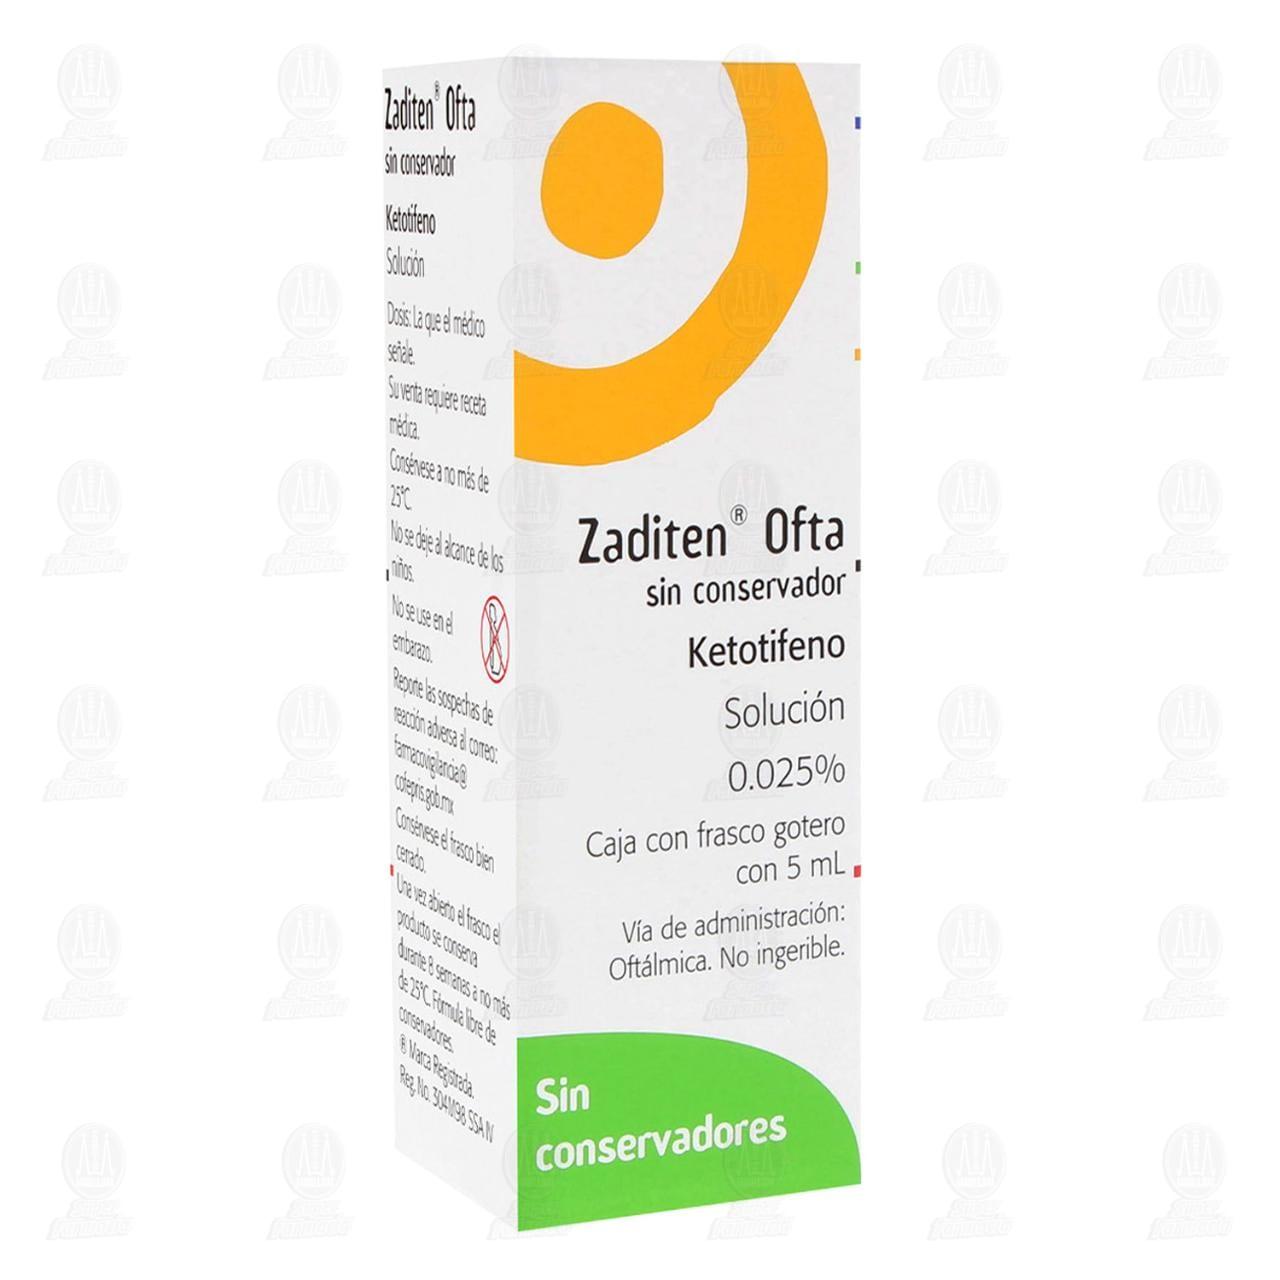 Comprar Zaditen Ofta .025% 5ml Gotas en Farmacias Guadalajara